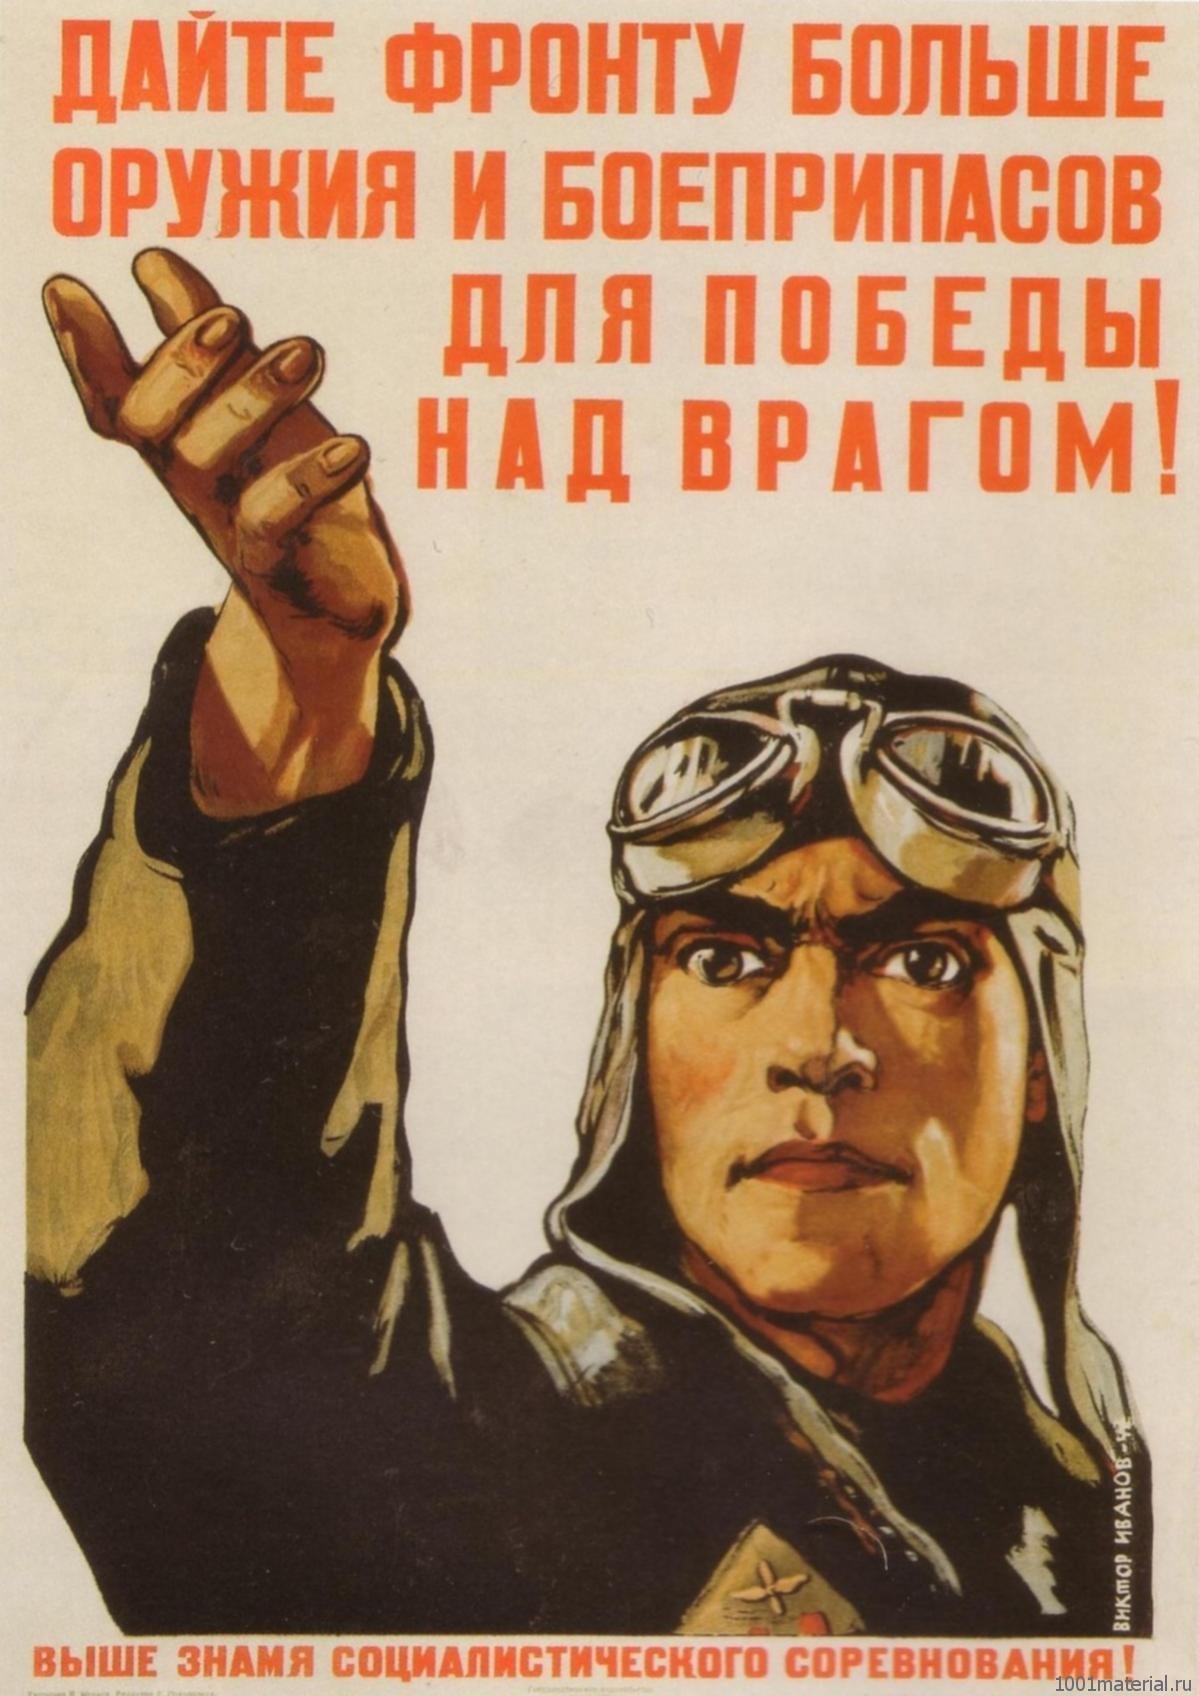 Дайте фронту больше оружия и боеприпасов